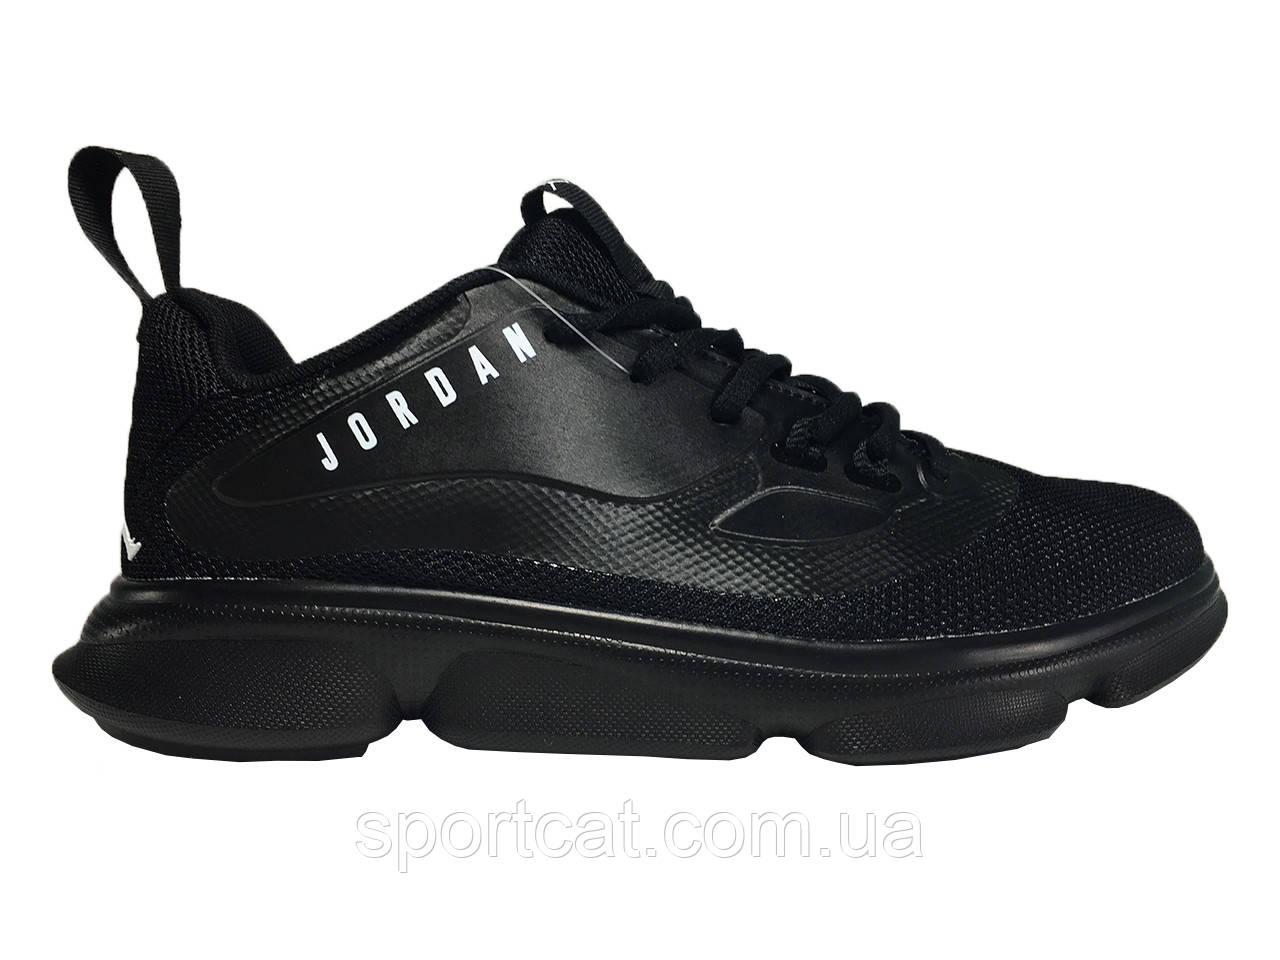 Мужские кроссовки Jordan Р. 42 45